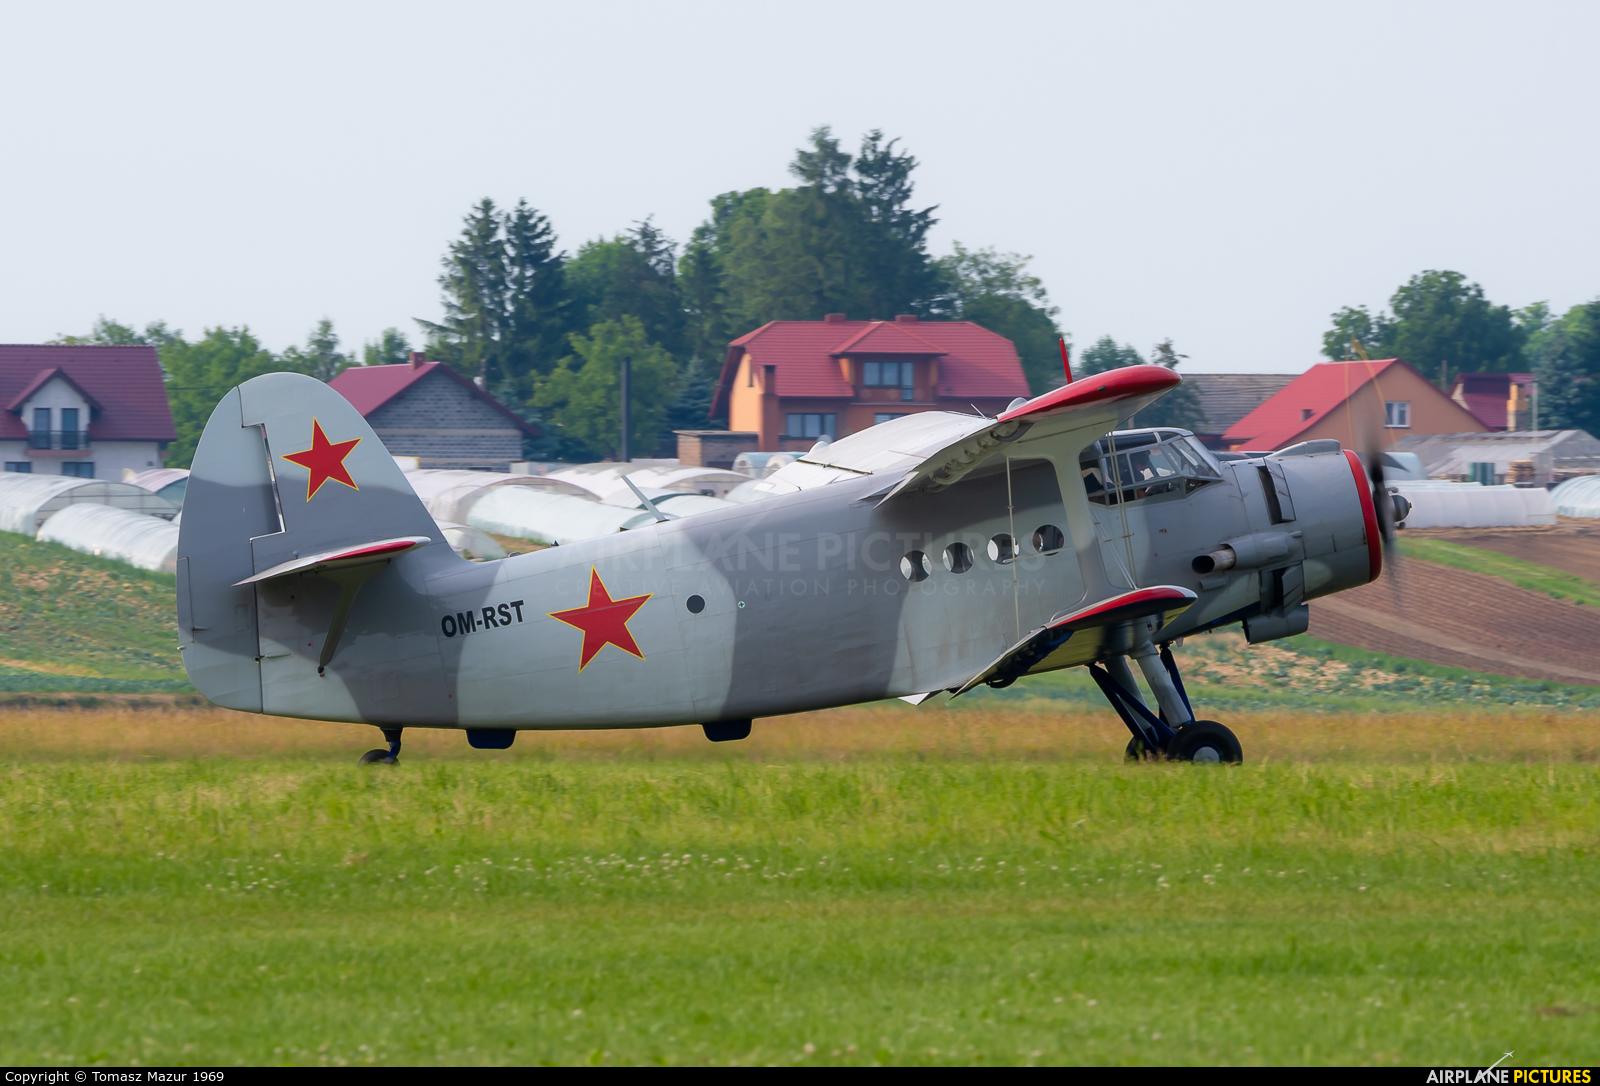 Aeroklub Kosice OM-RST aircraft at Kraków - Pobiednik Wielki